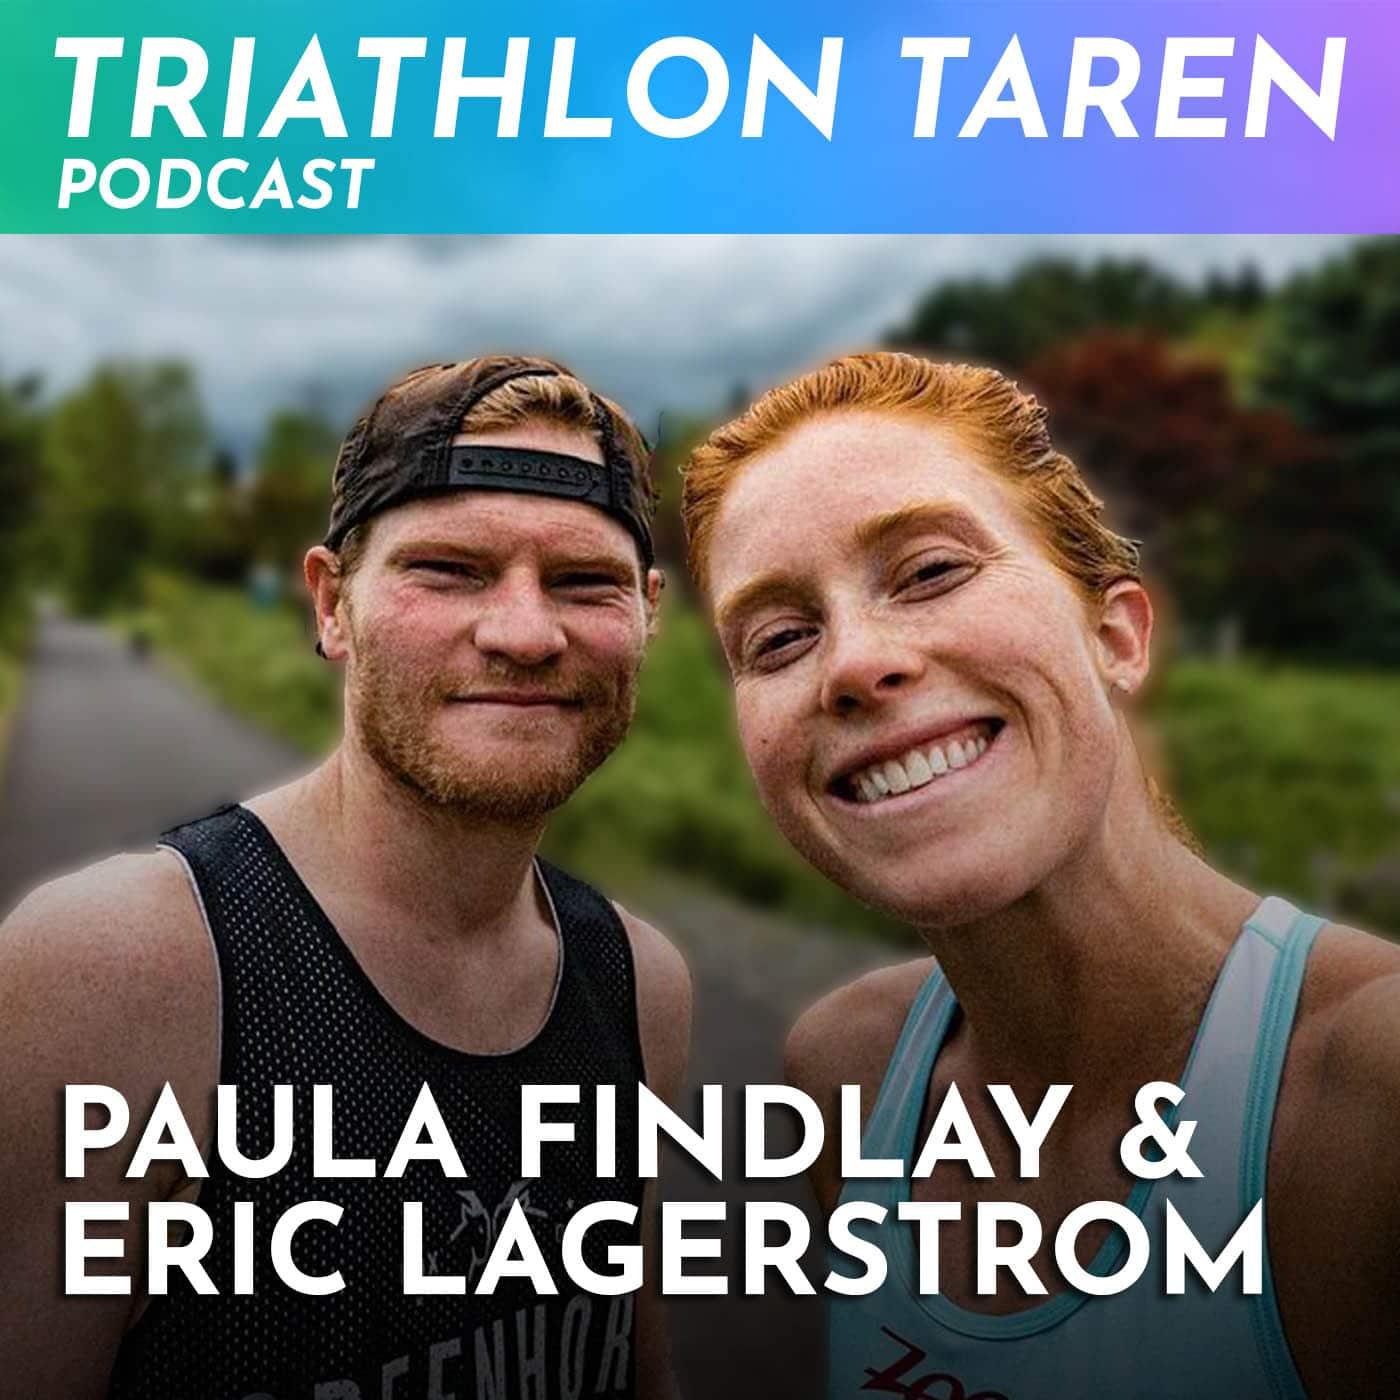 Pro Triathlete Power Couple: Paula Findlay & Eric Lagerstrom